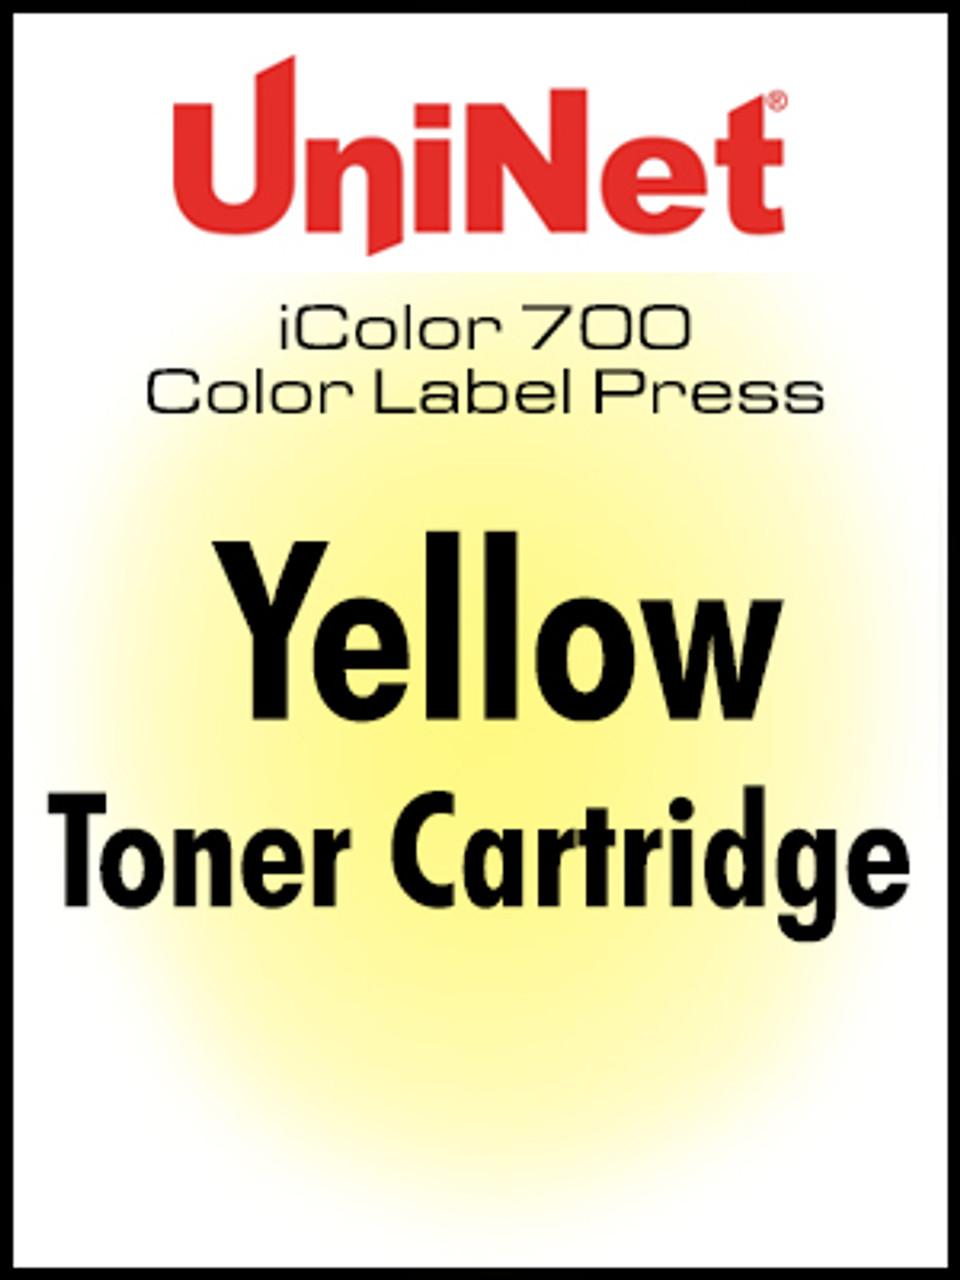 iColor 700 Digital Press Yellow toner cartridge